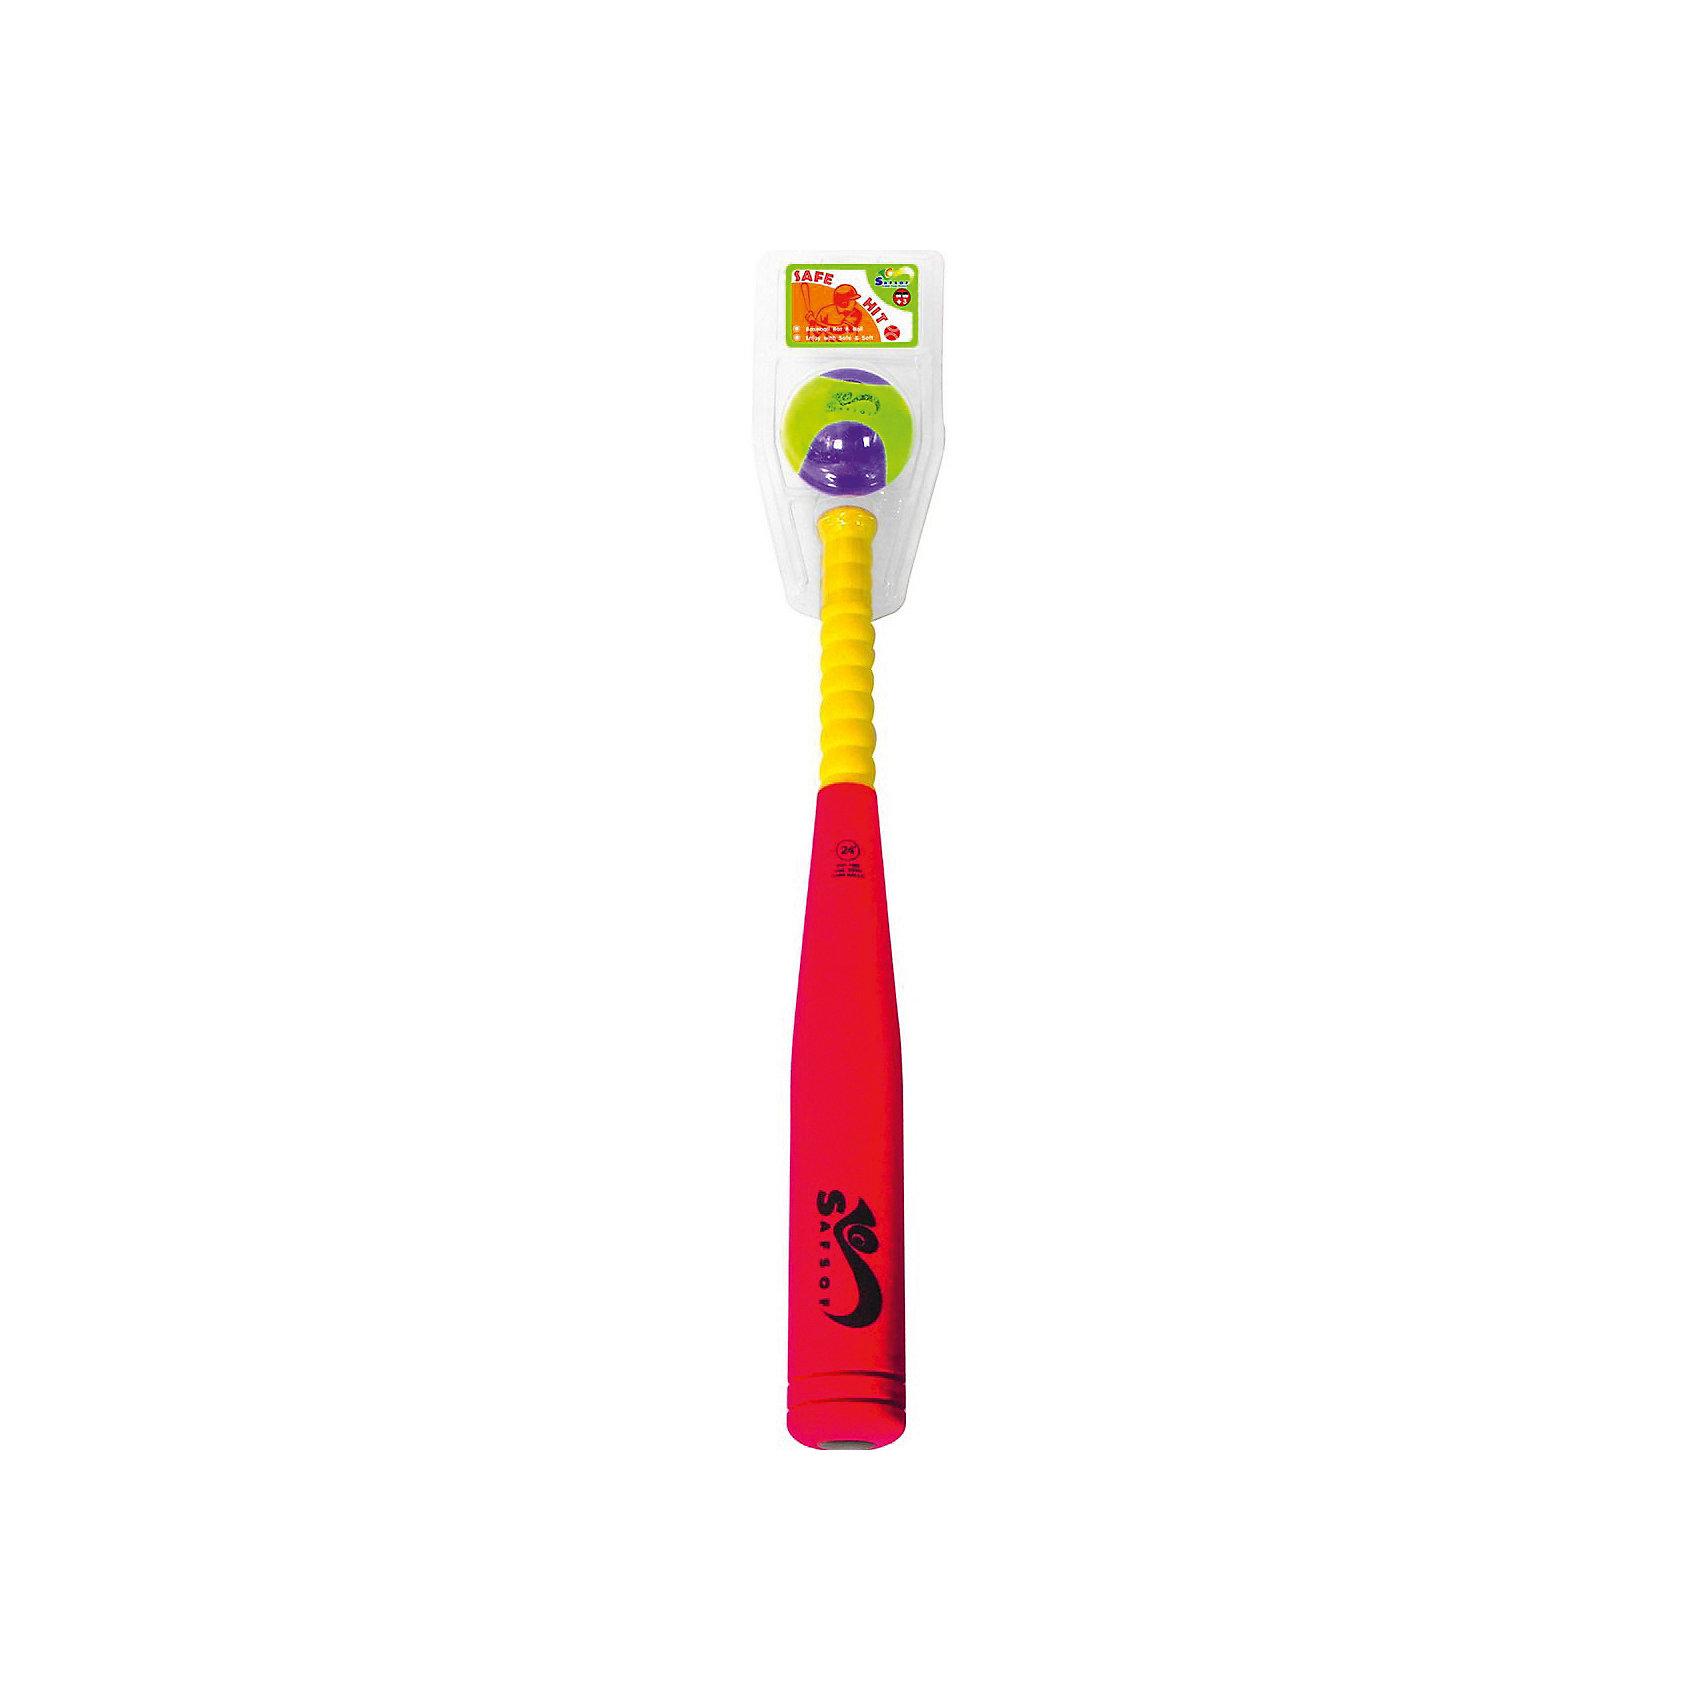 SafSof Бита бейсбольная, SafSof safsof игровой набор бейсбольная бита и мяч цвет зеленый желтый